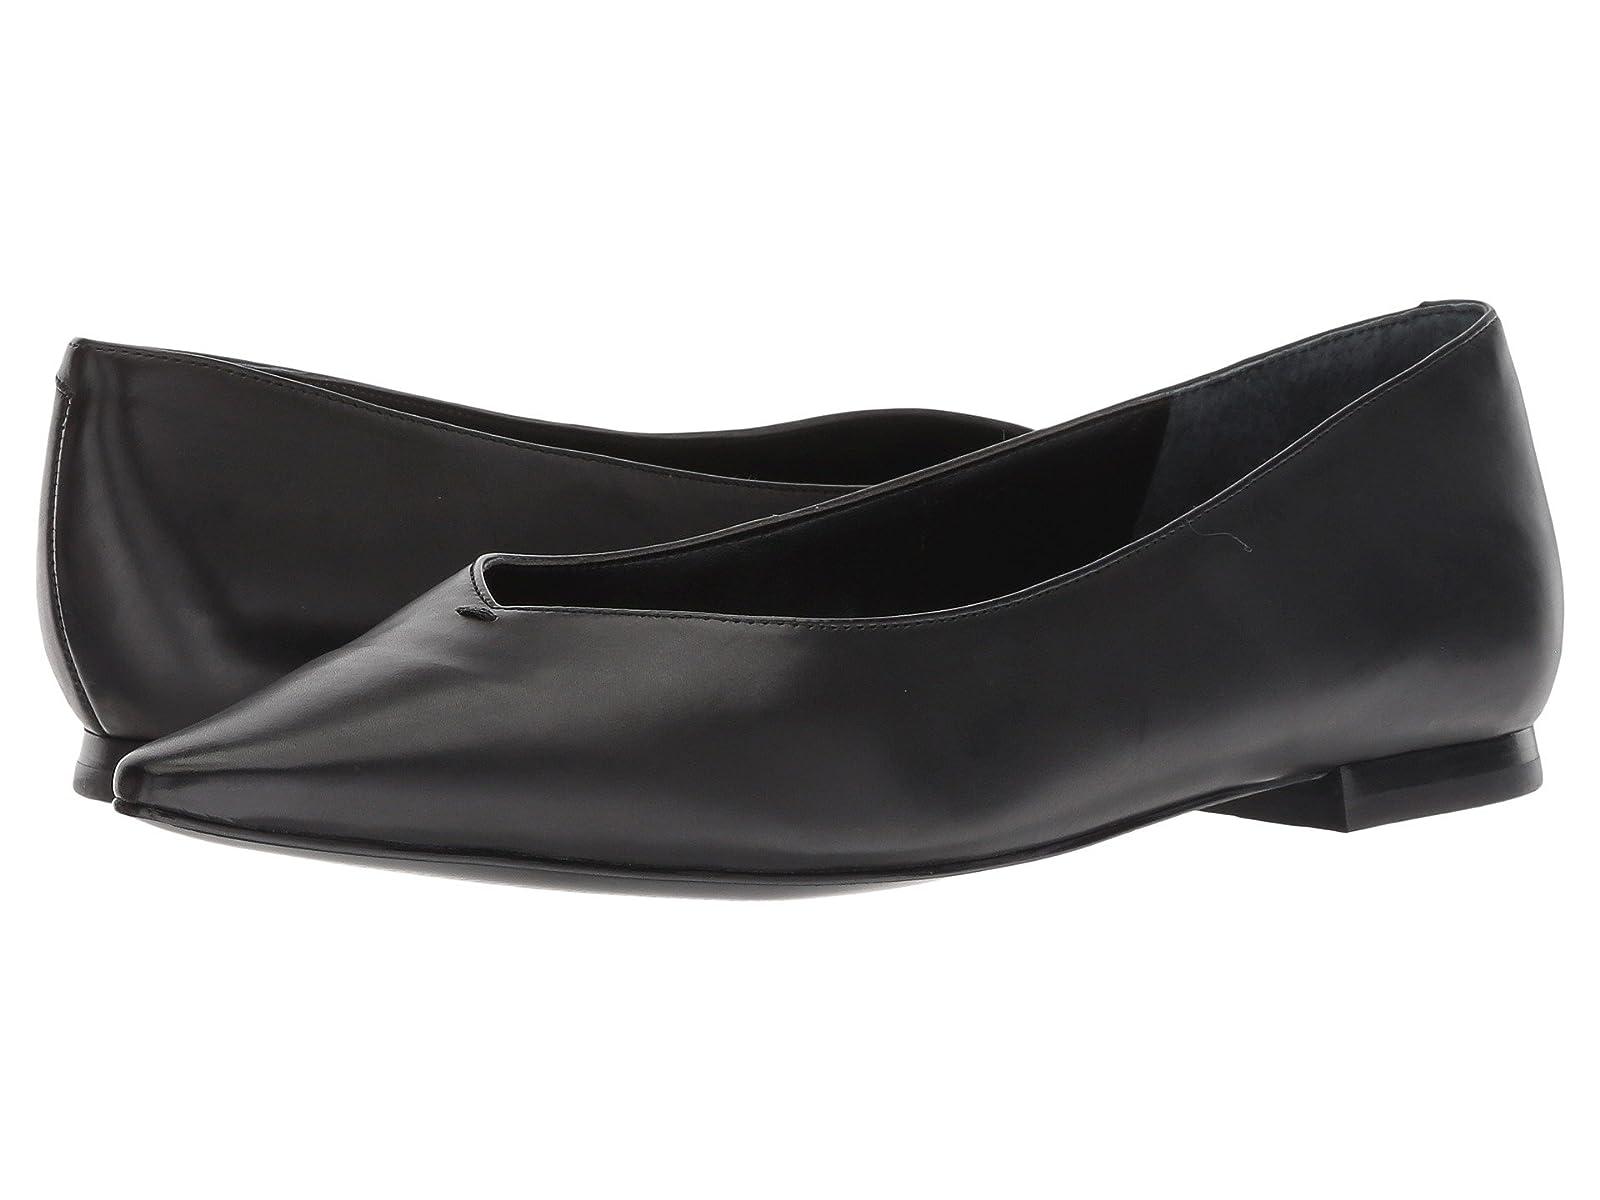 Marc Fisher LTD SacoAtmospheric grades have affordable shoes